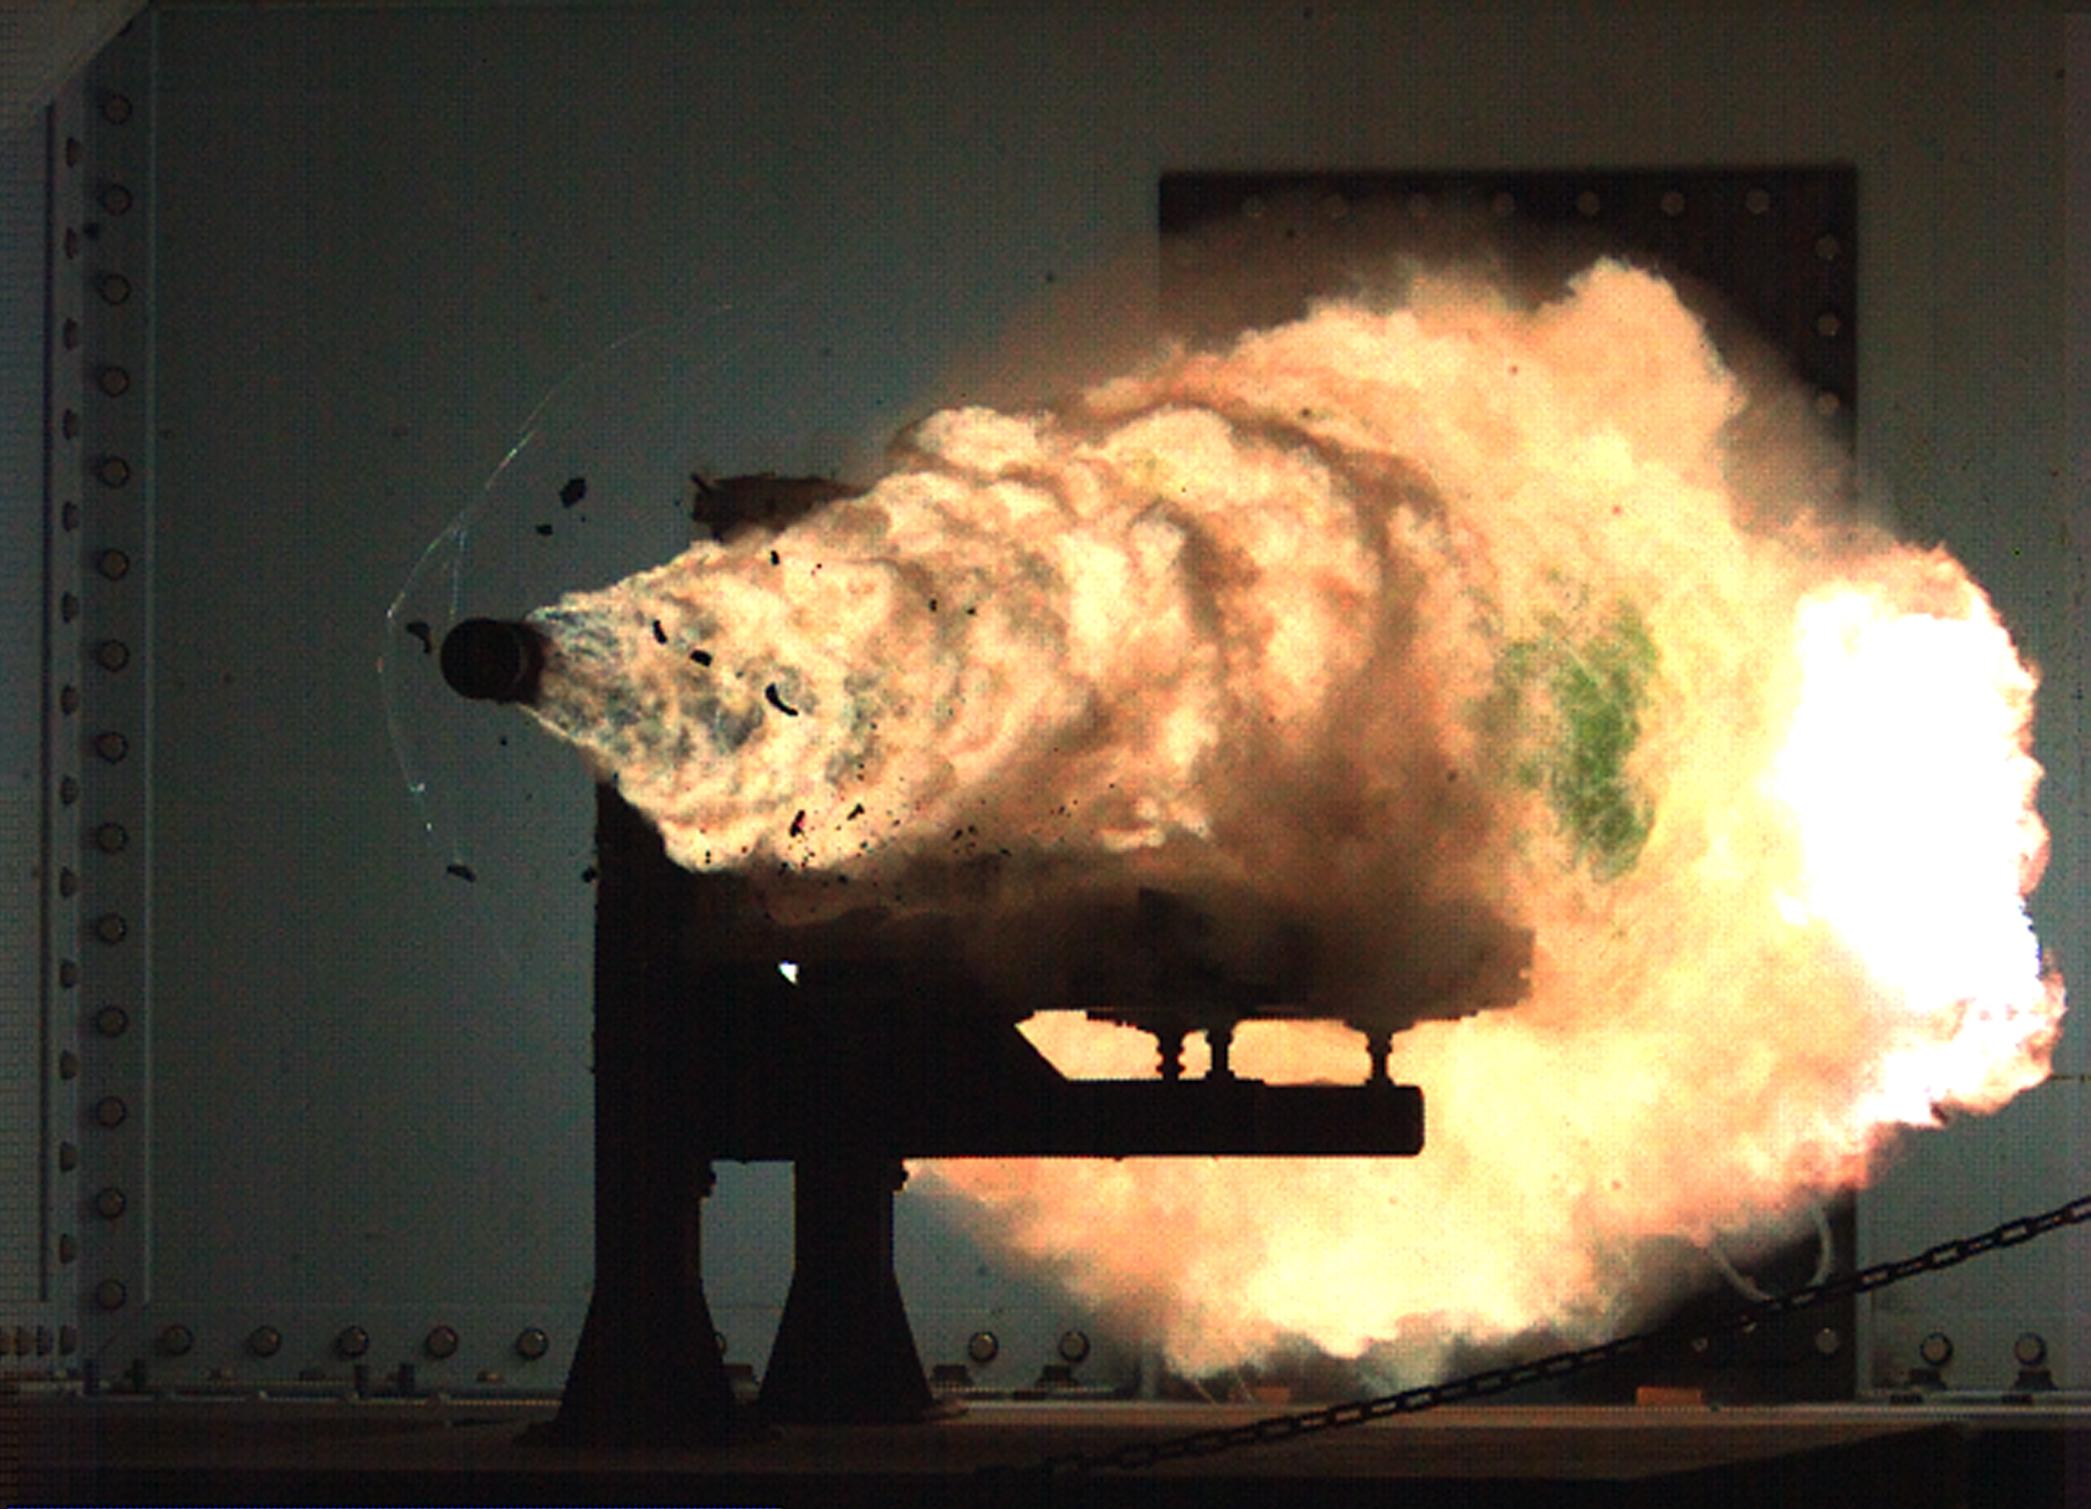 Záběr vysokorychlostní kamerou ze zkoušek prováděných Naval Surface Warfare Center na základně v Dahlgren.  3,2 kg projektil je urychen na 2520 metrů za sekundu. (Kredit:  U.S. Navy)